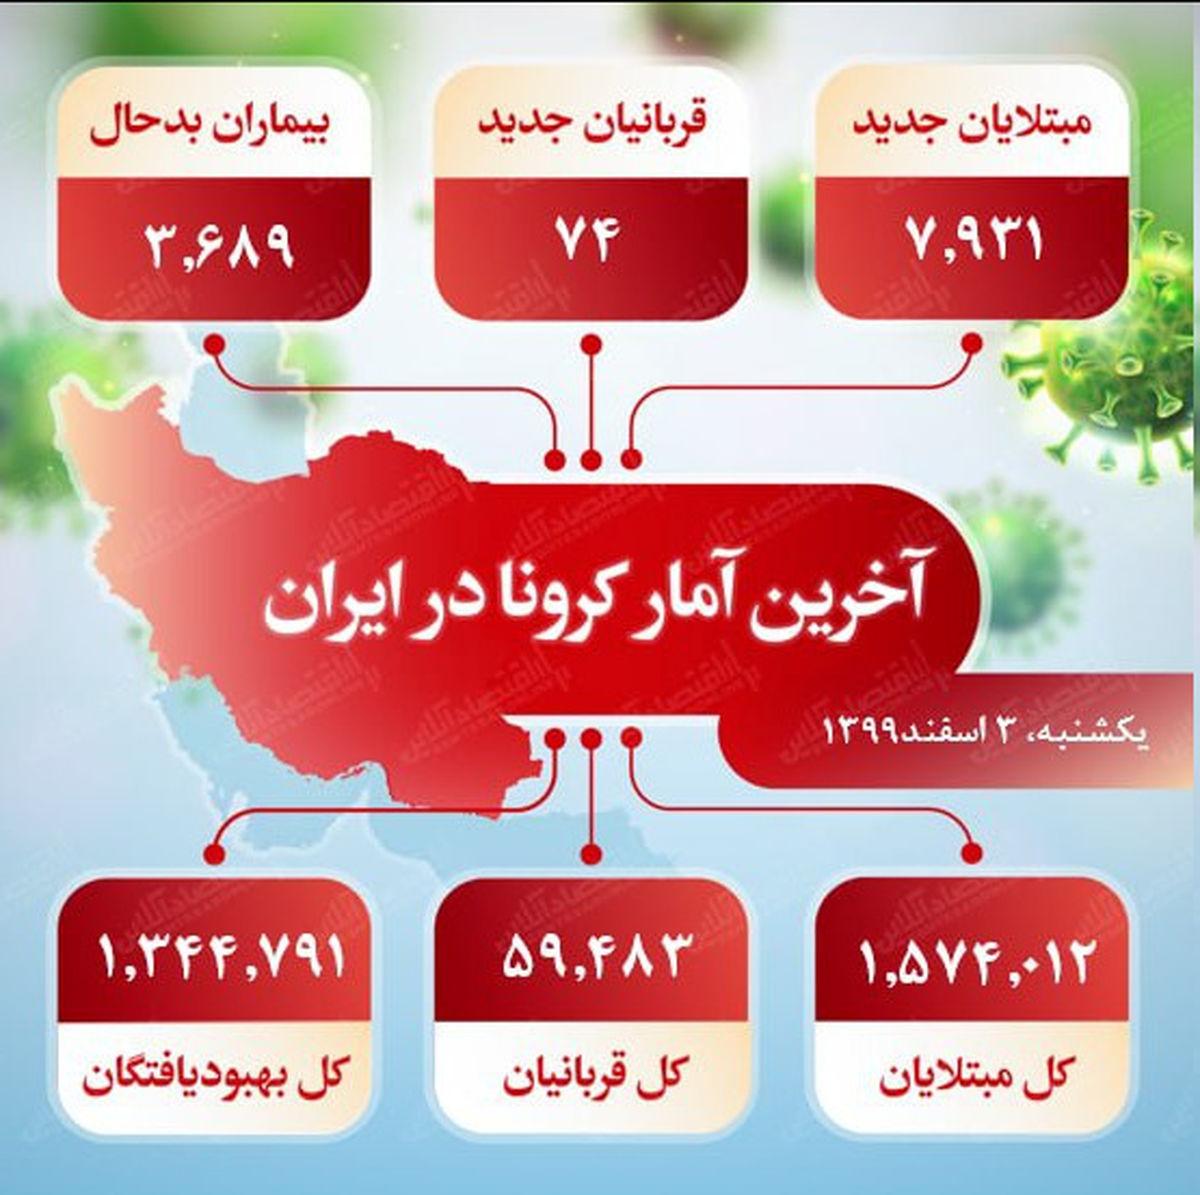 آخرین آمار کرونا در ایران (۹۹/۱۲/۳)